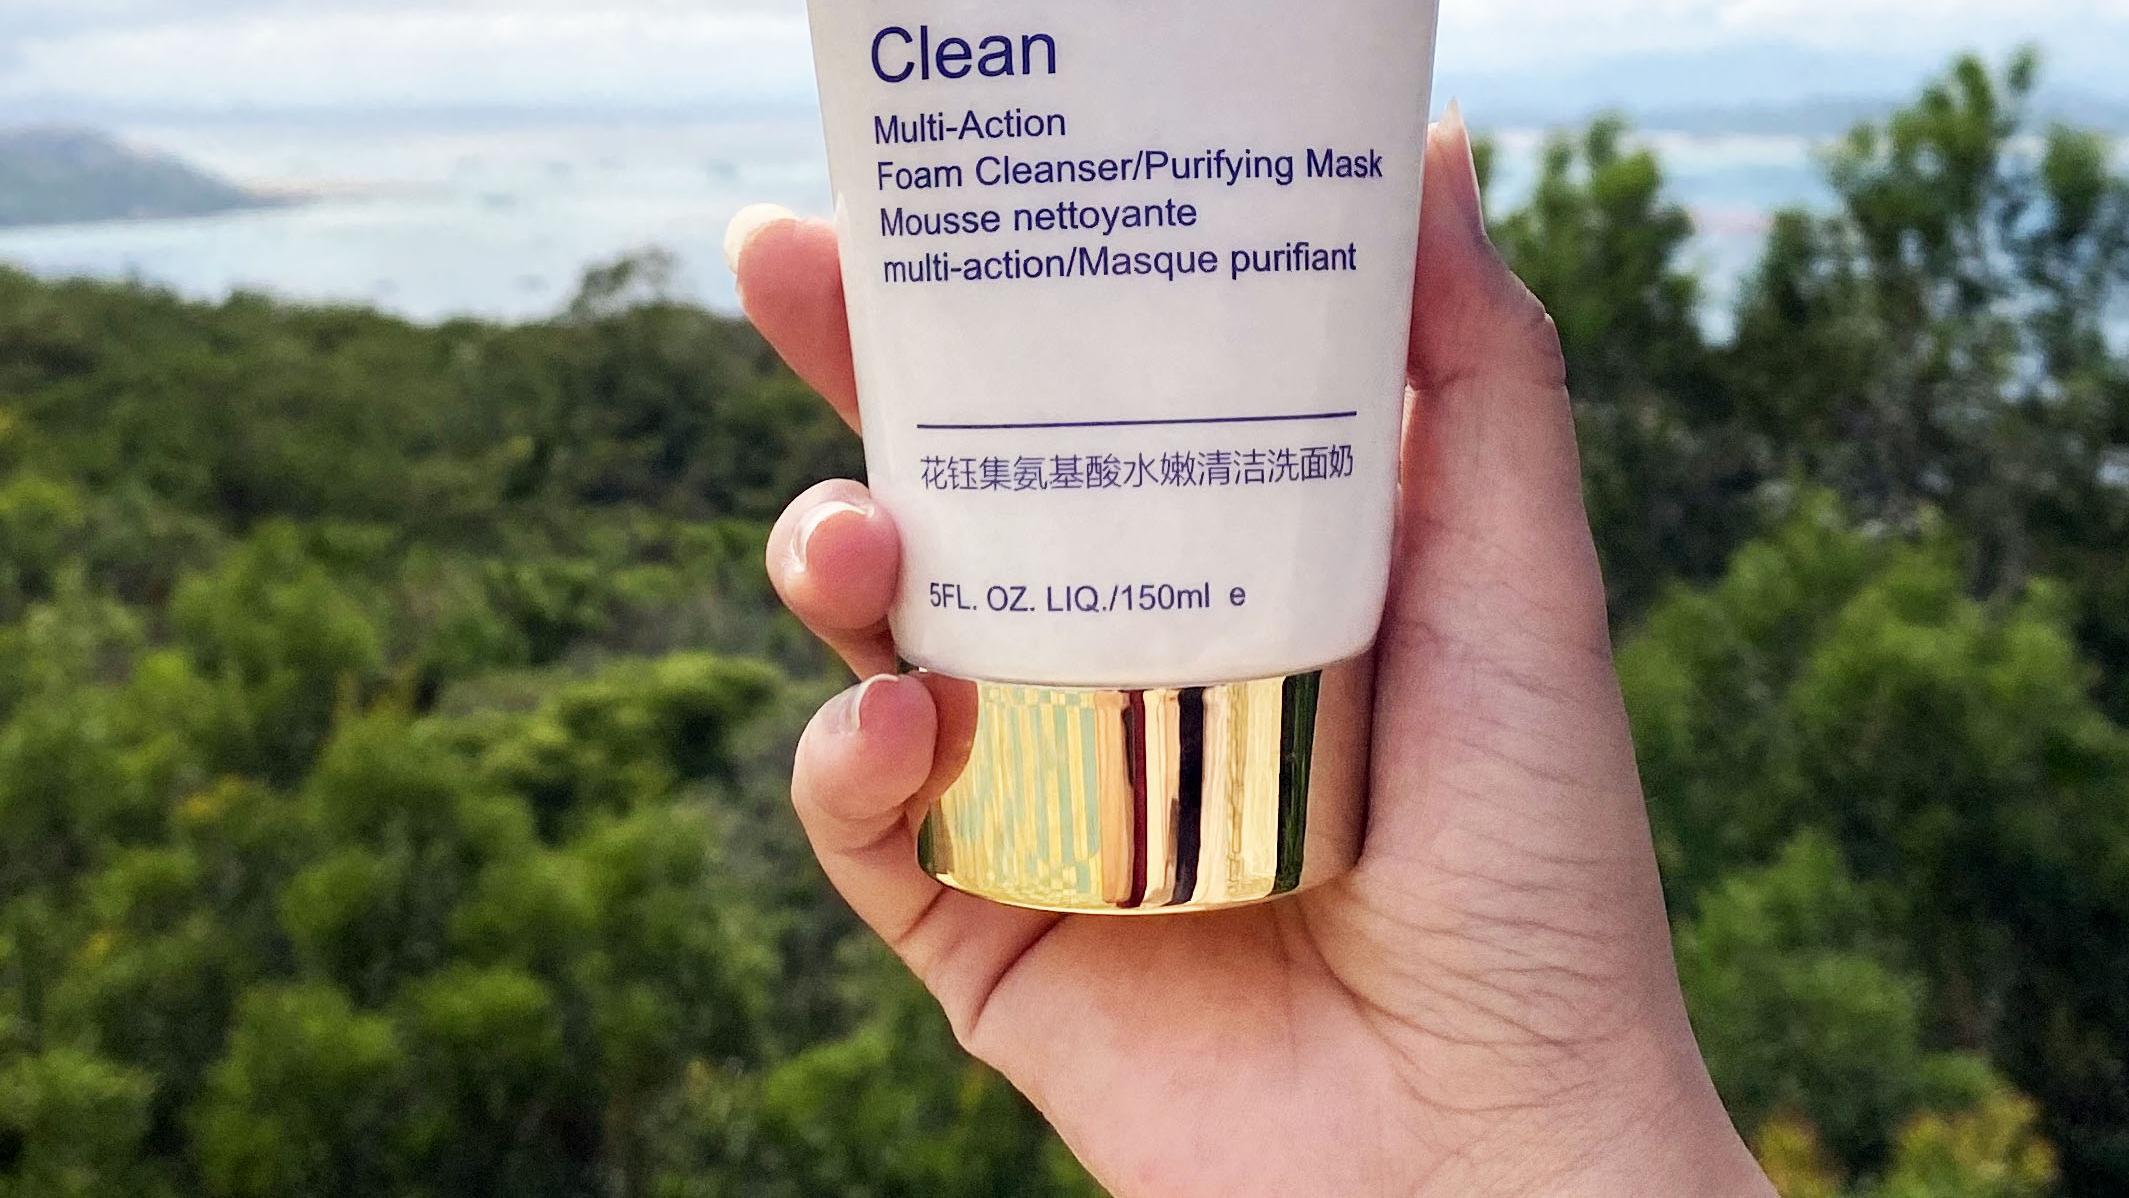 这几款洗面奶,皮肤越洗越白嫩,适合任何肤质使用,敏感肌也可用